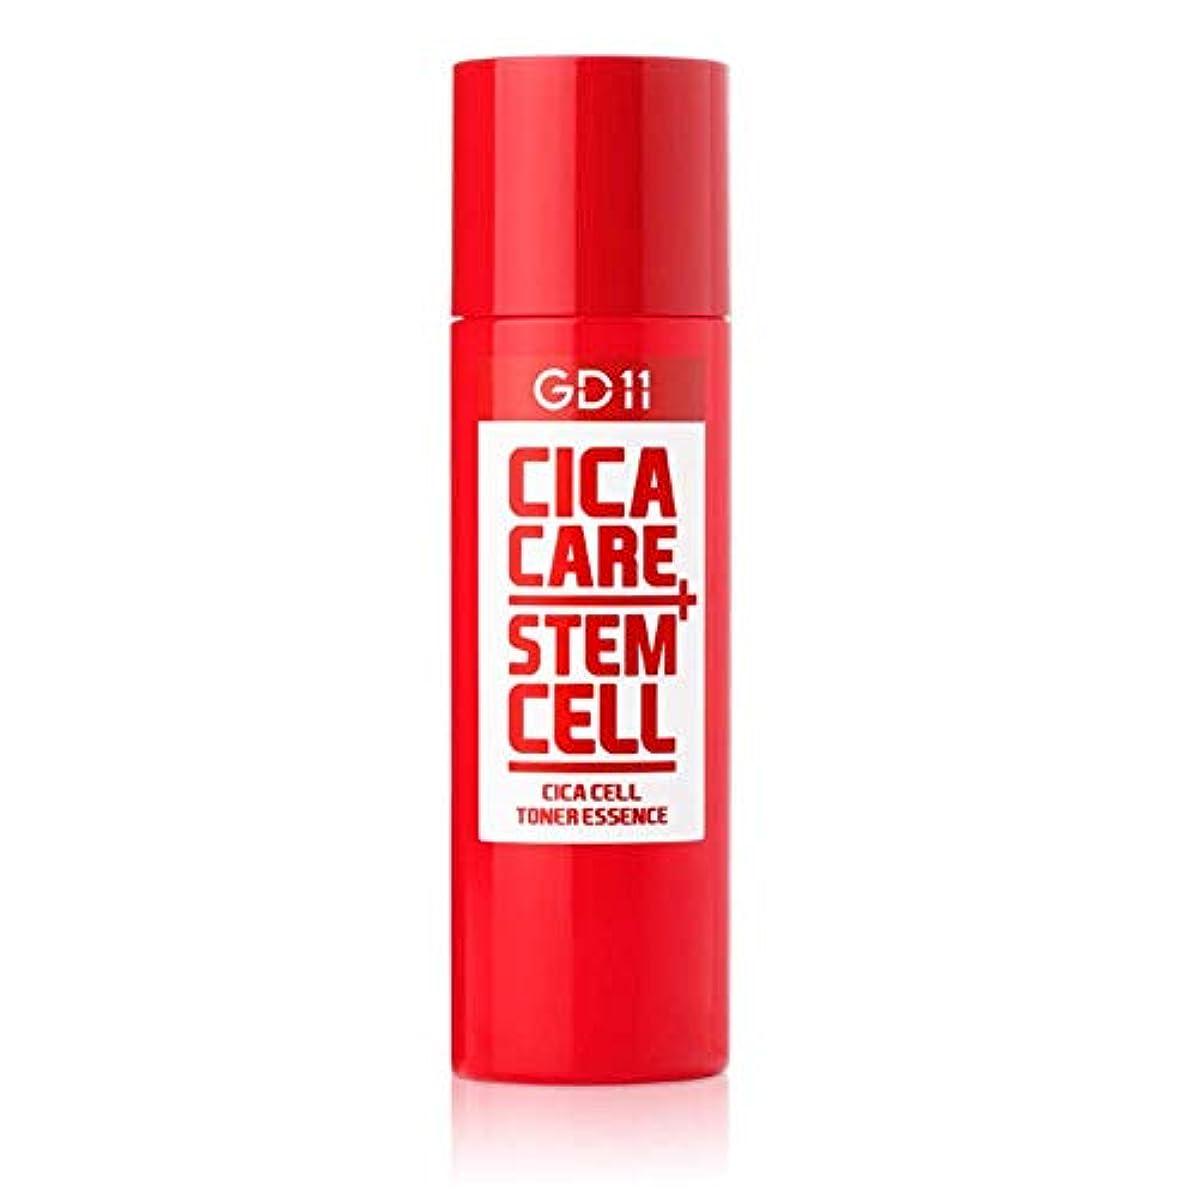 リール市場トラフGD11 CICA CELL TONER ESSENCE シカセル トナーエッセンス 150mL